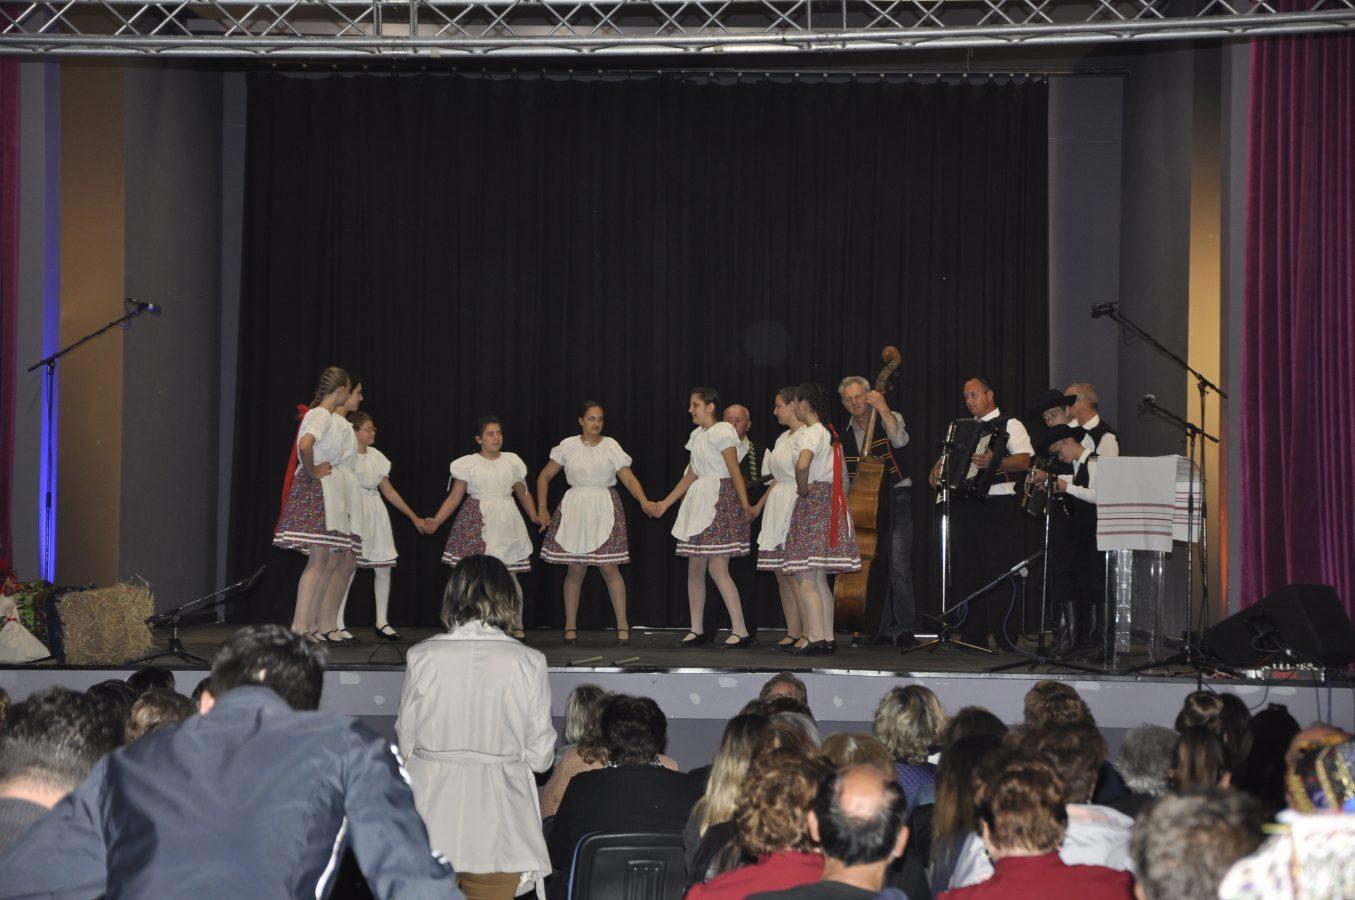 Festival manjina (2)